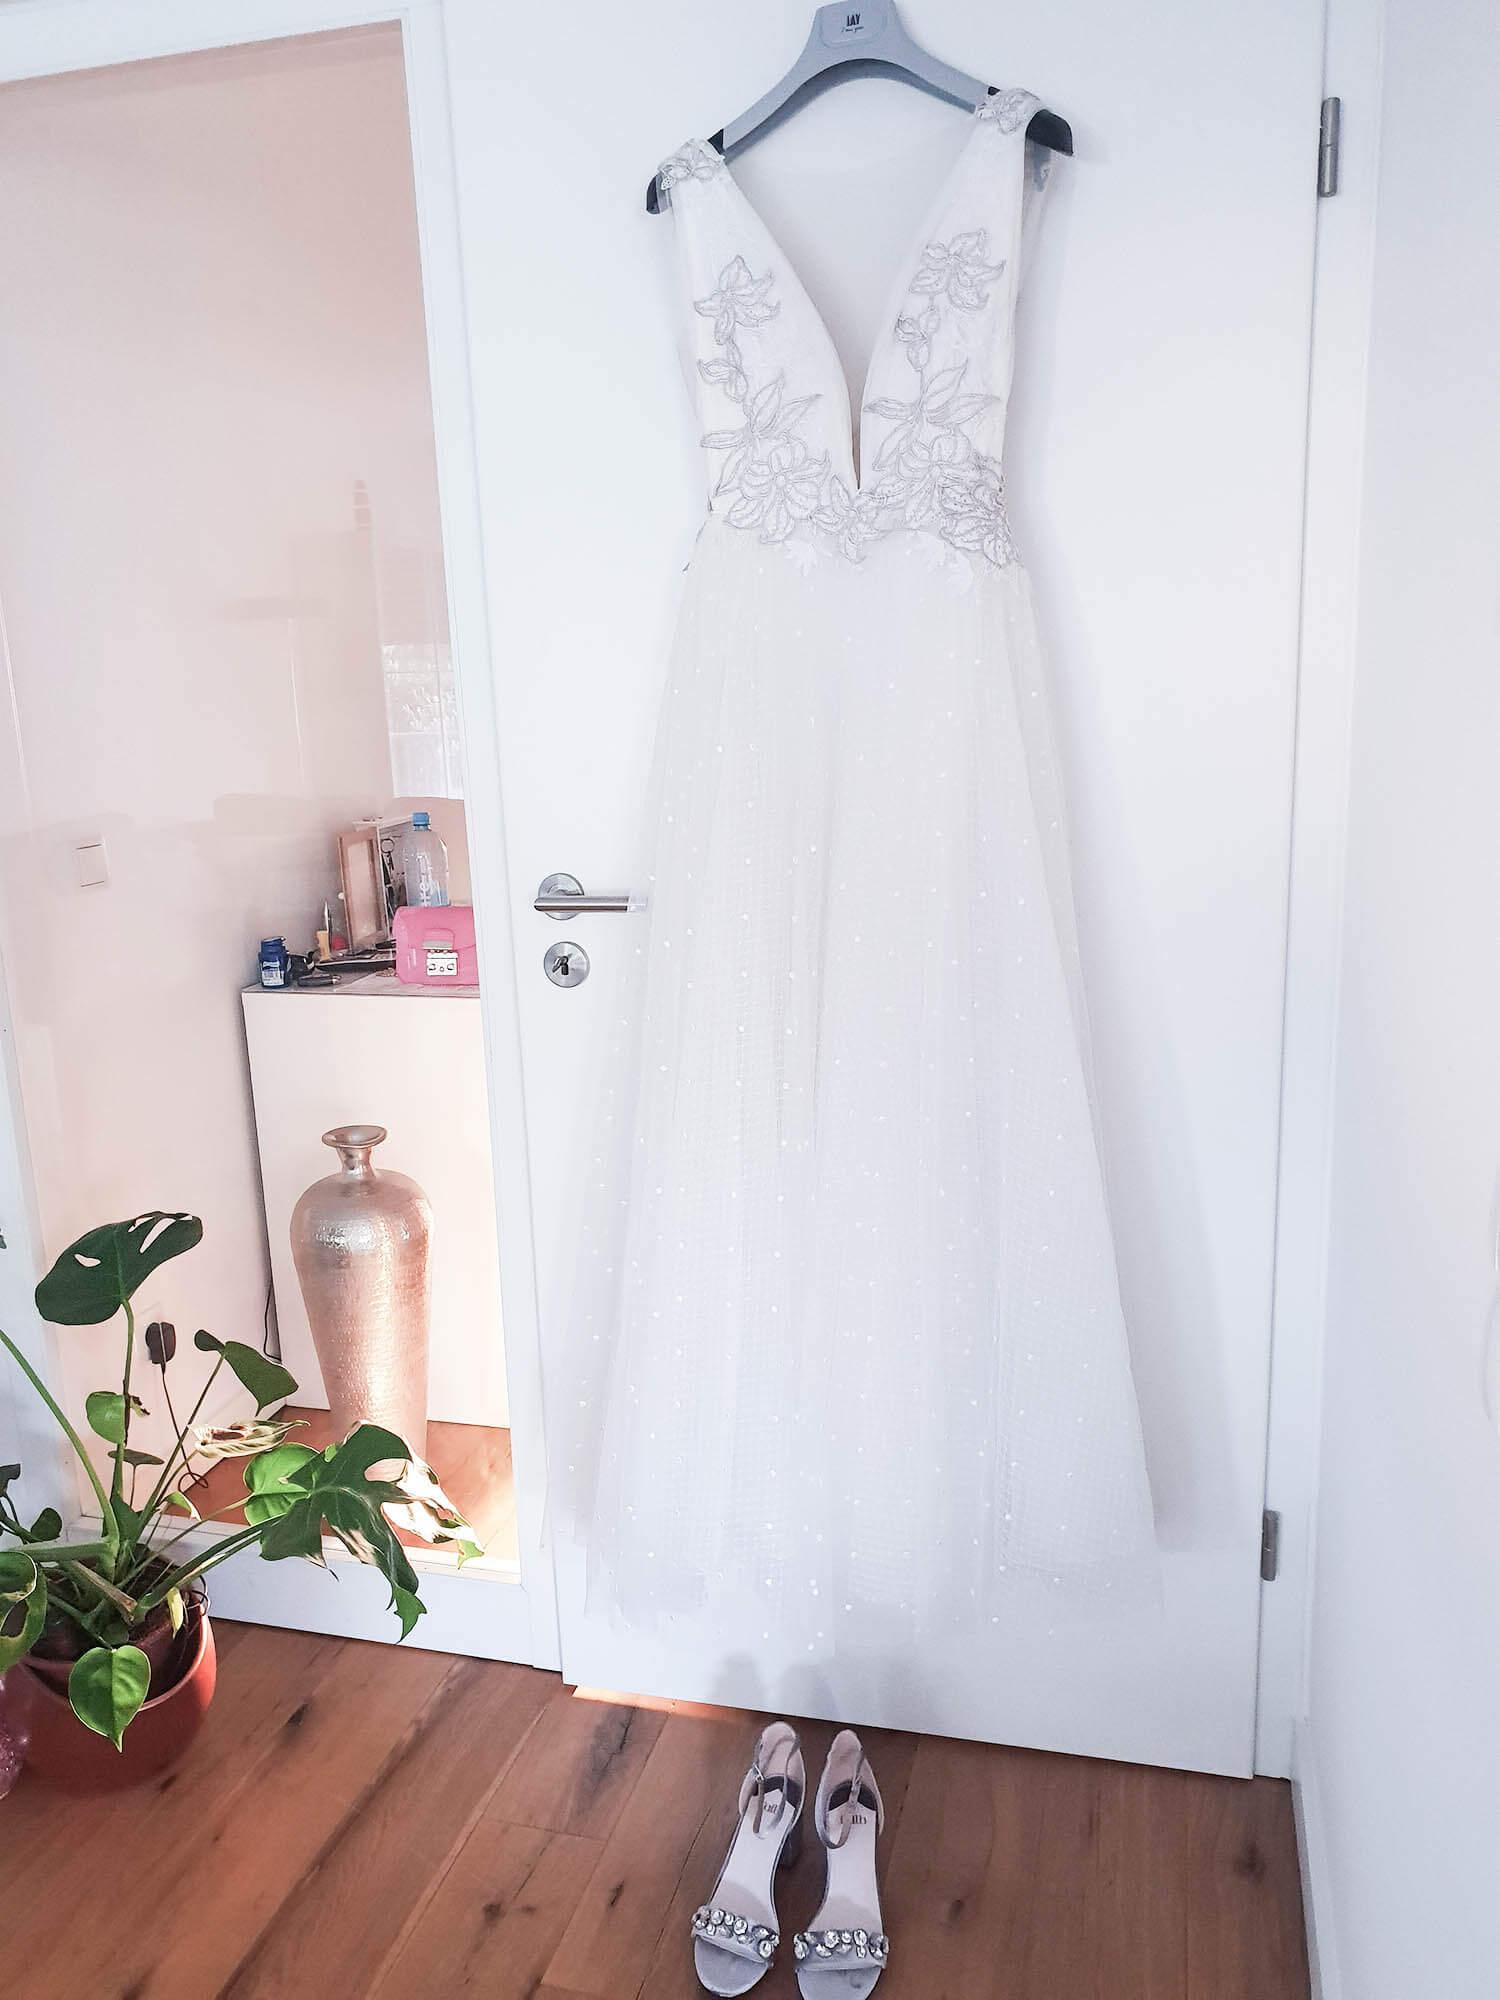 Wedding-Update-The-last-Day-before-our-Wedding-kationette-lifestyleblog-nrw-hochzeitskolumne